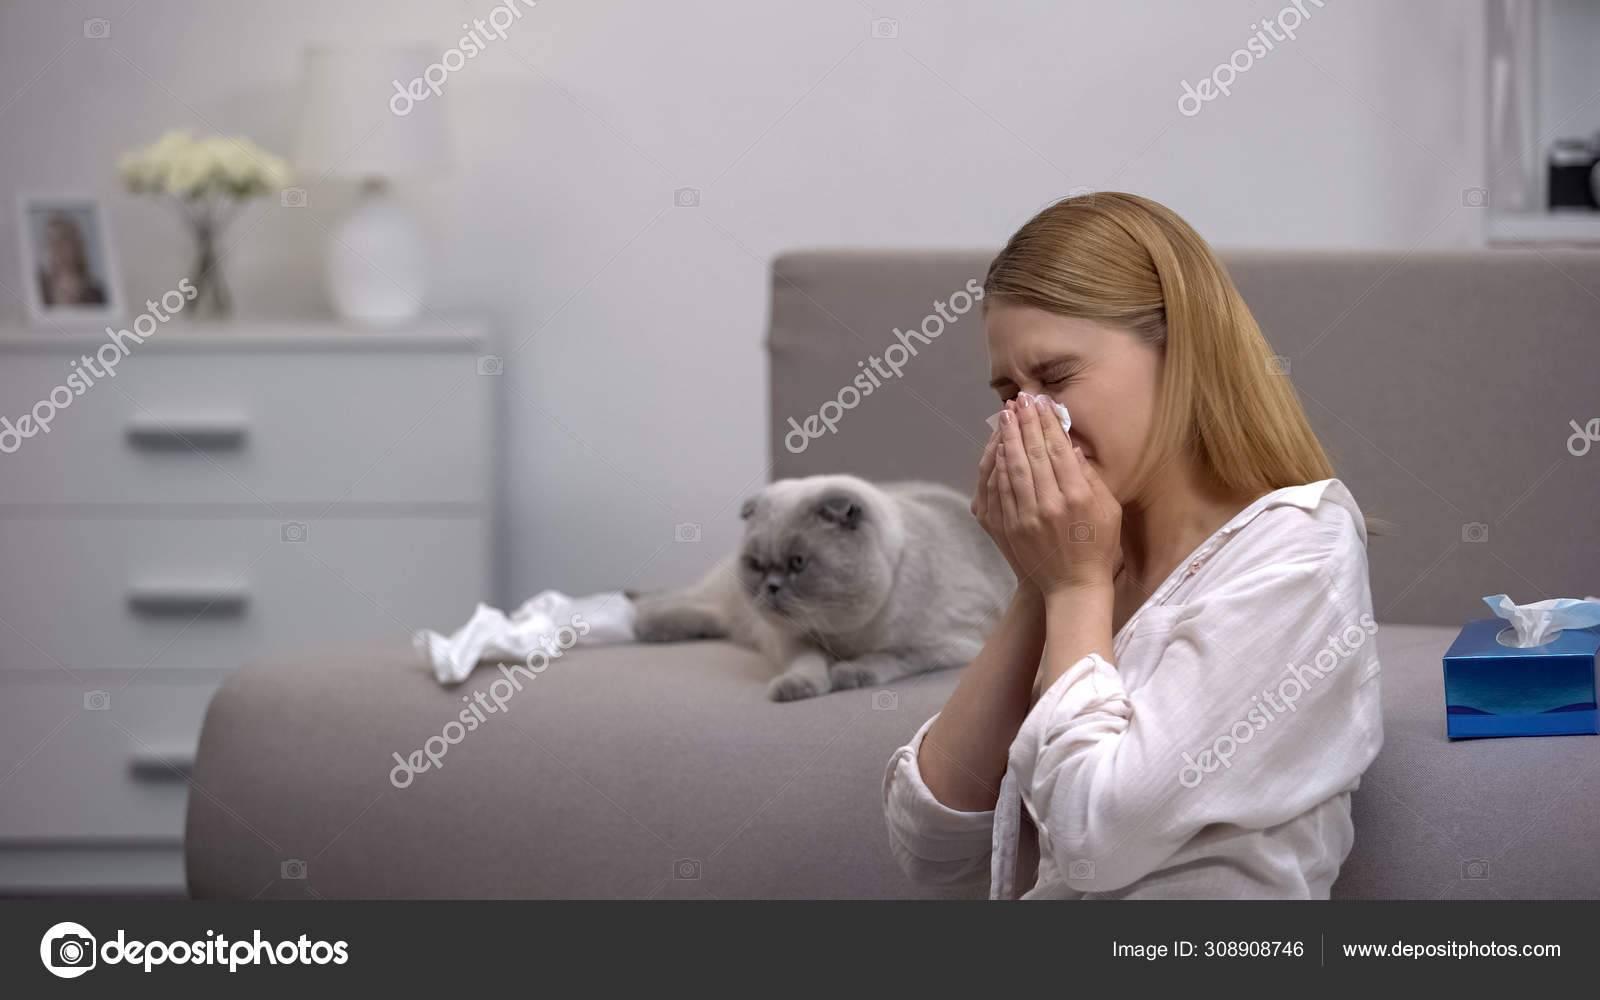 Аллергия на кошек:  симптомы и лечение детей и взрослых